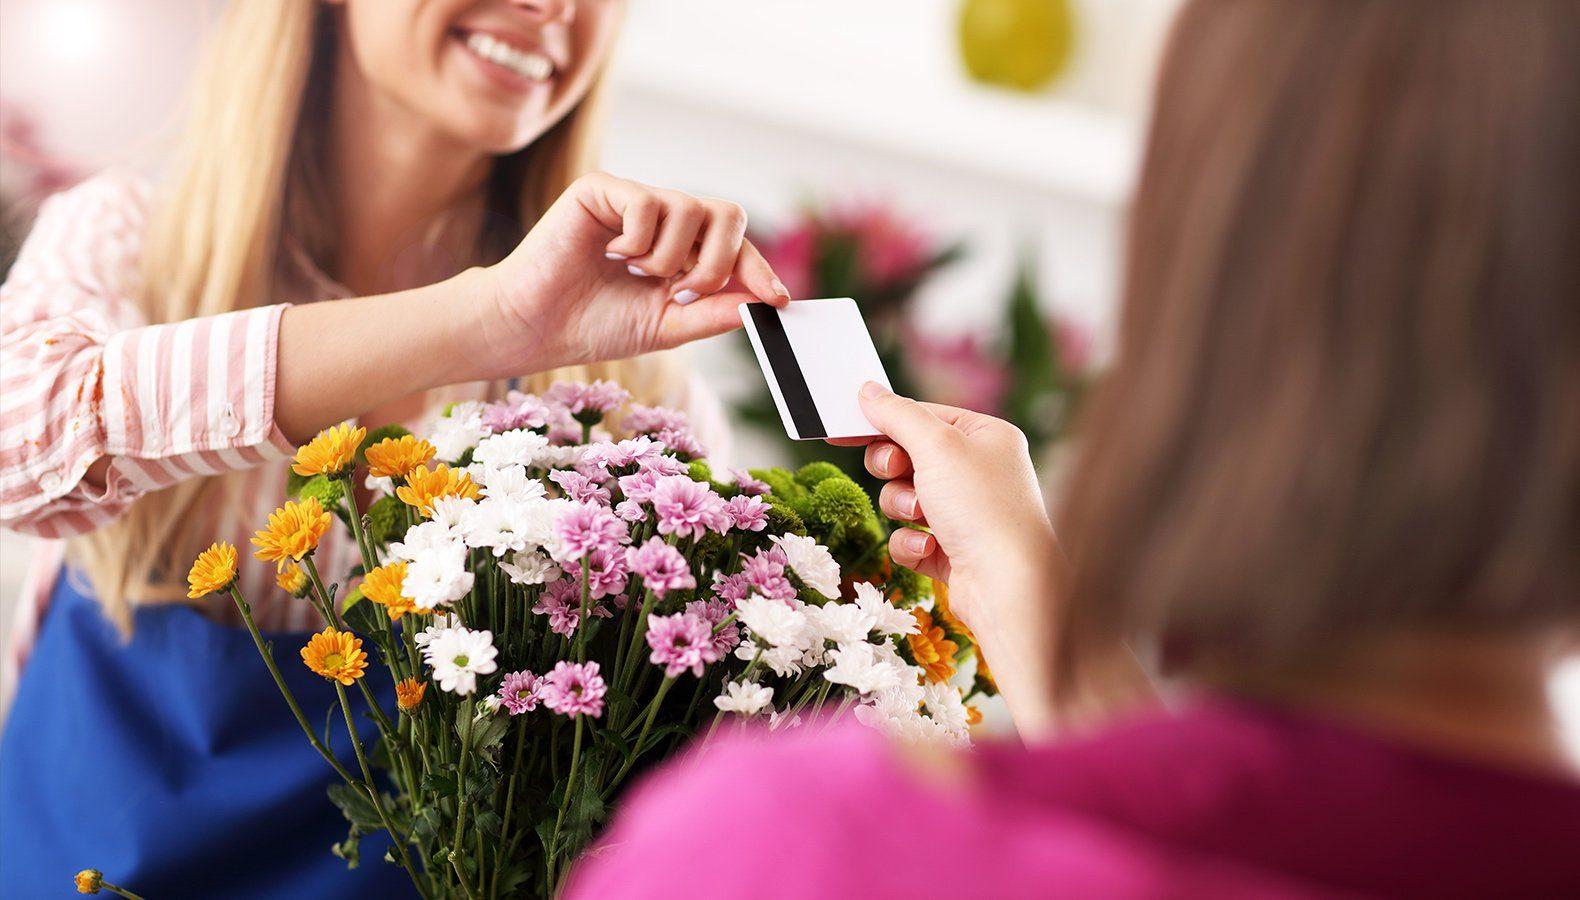 Eine Floristin nimmt eine Kreditkarte einer Kundin entgegen, die ihren Blumenstrauß bezahlen möchte.